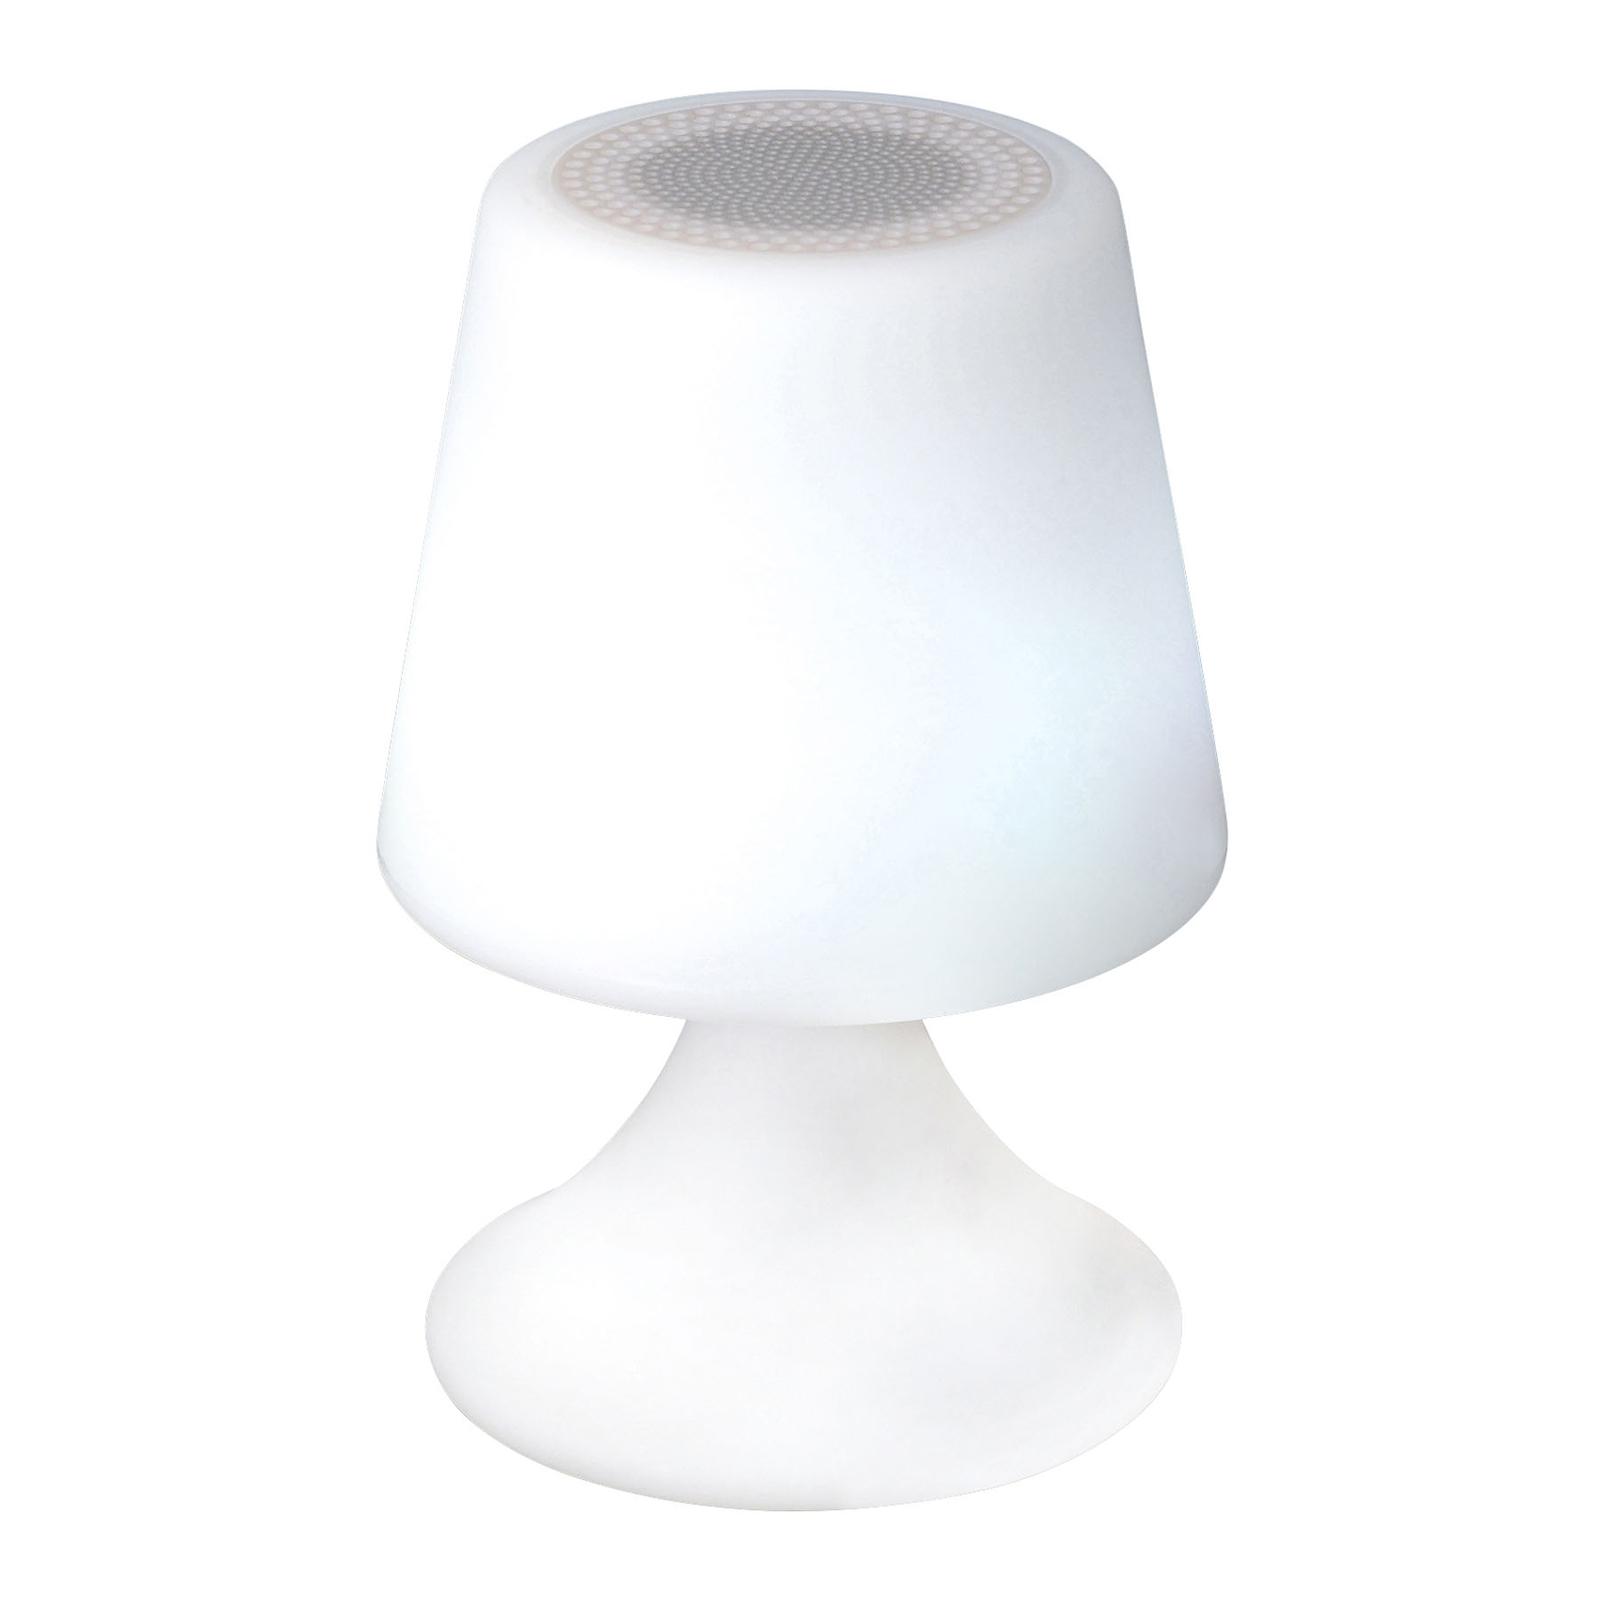 Curbi LED-dekorationslampe med Bluetooth-højttaler